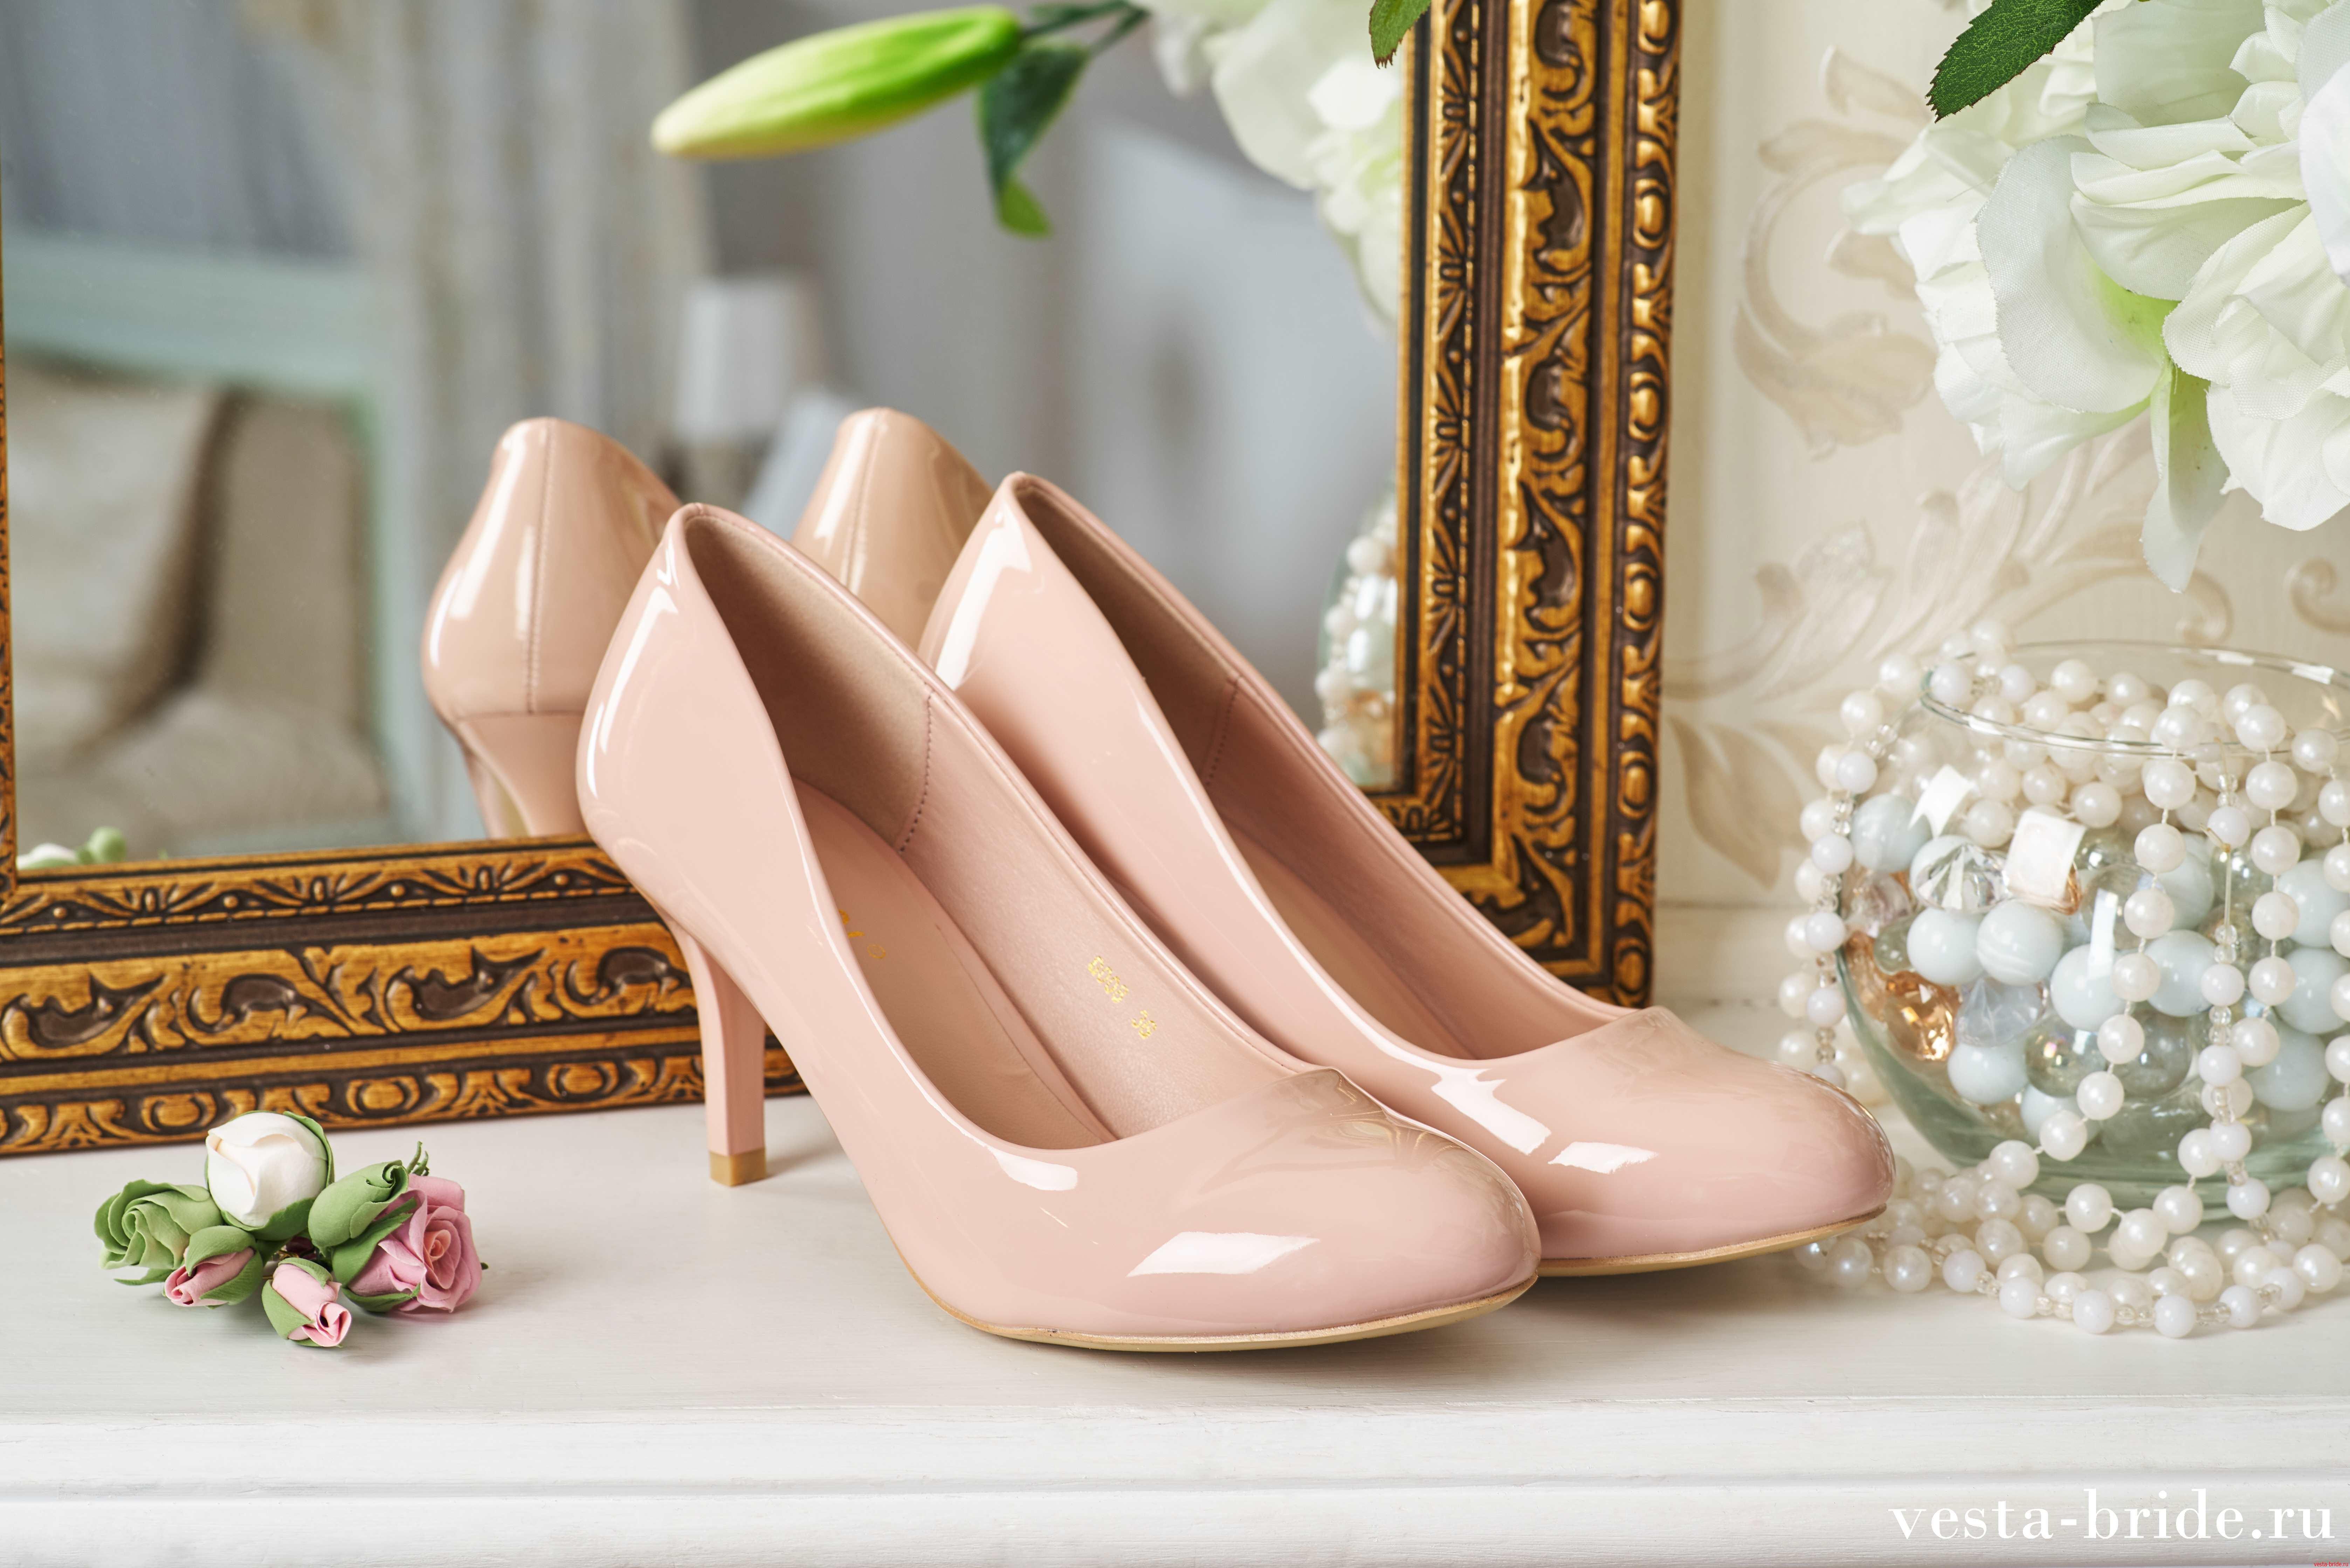 икон какие туфли покупать на свадьбу невесте фото написанные